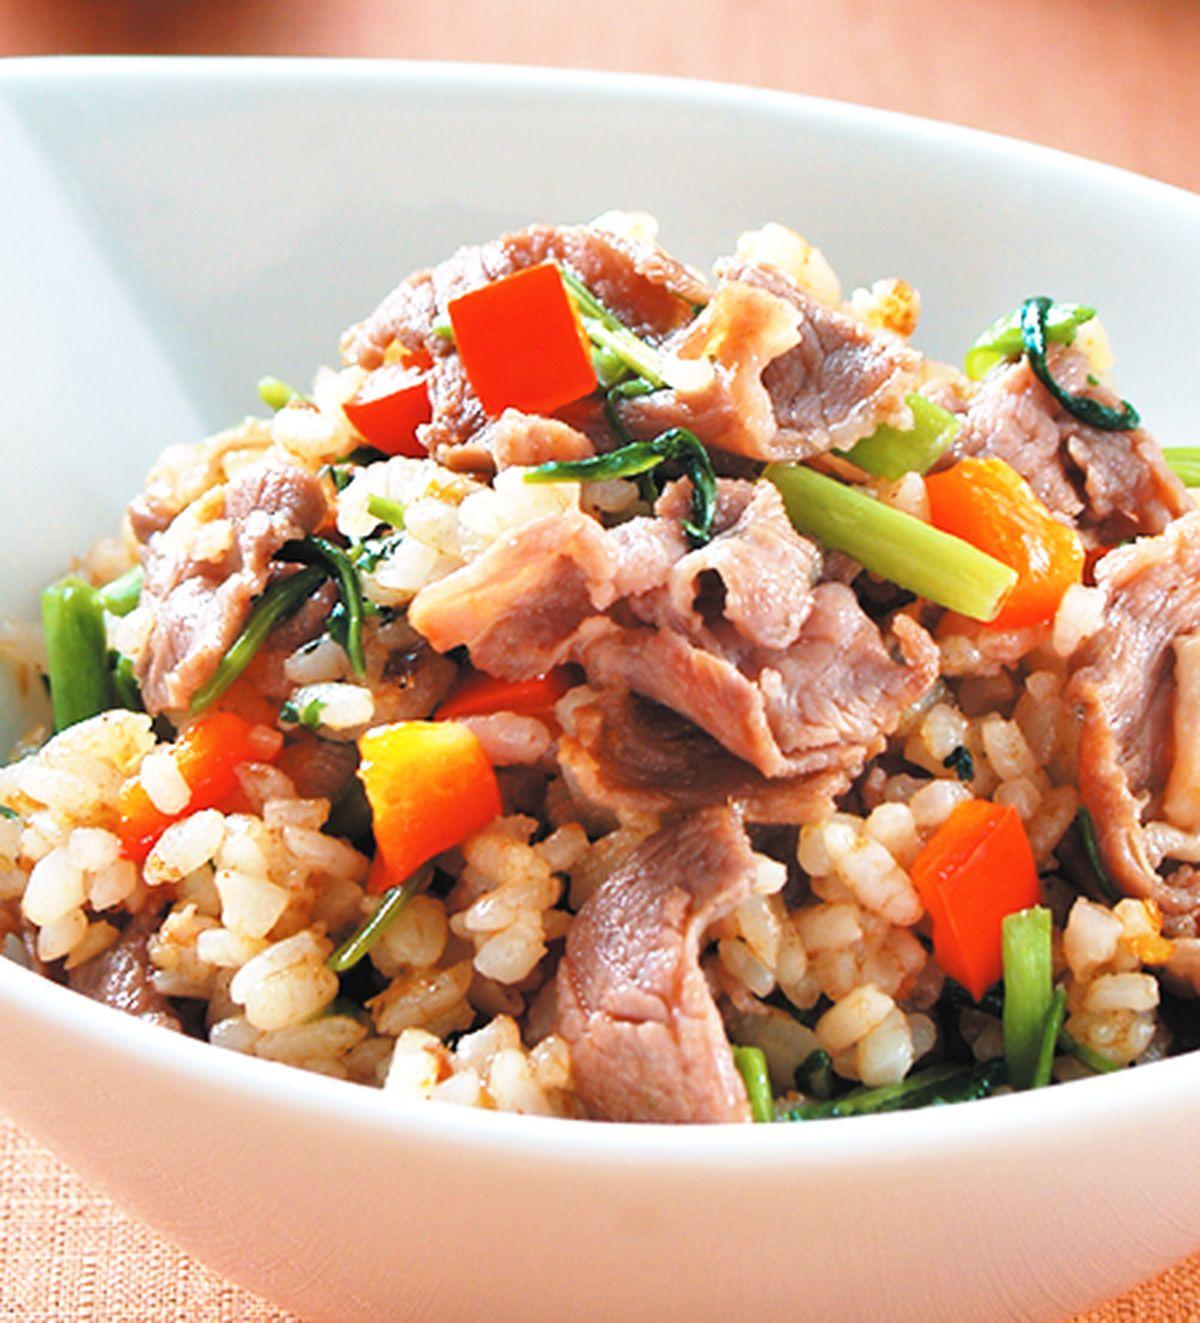 【食譜】沙茶羊肉炒飯:www.ytower.com.tw